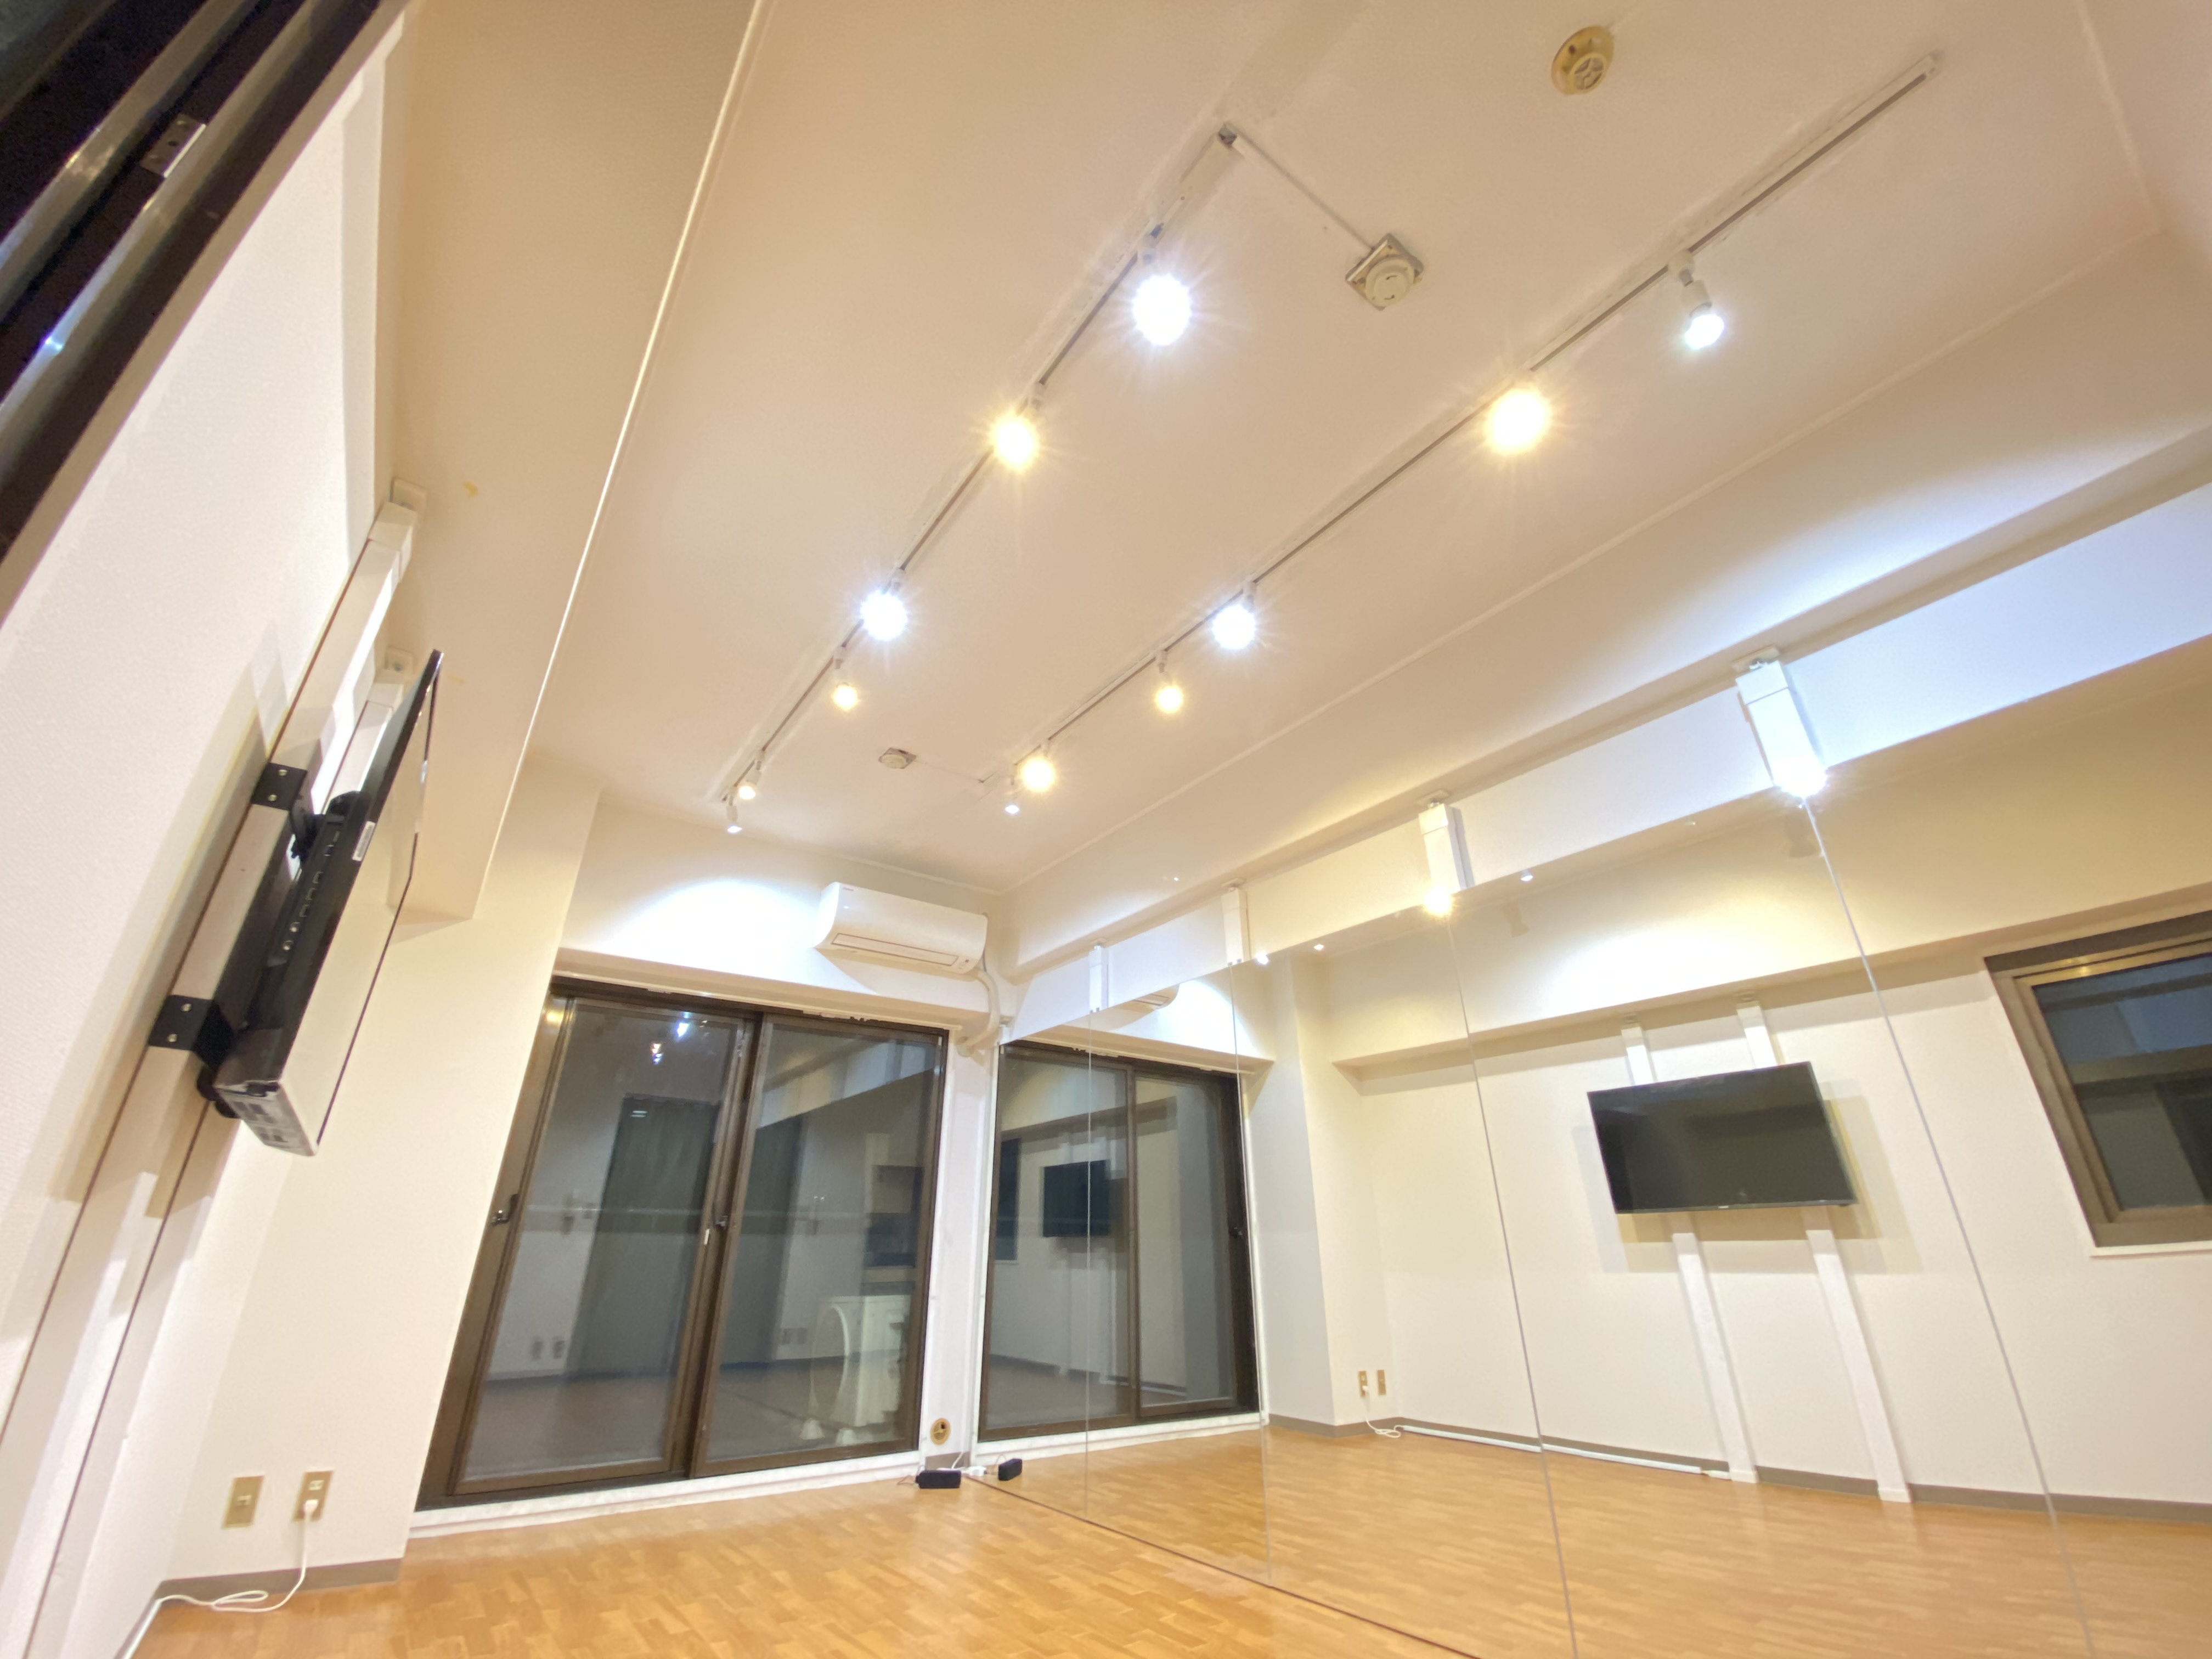 お気軽スタジオ心斎橋beat お気軽スタジオbeatの室内の写真